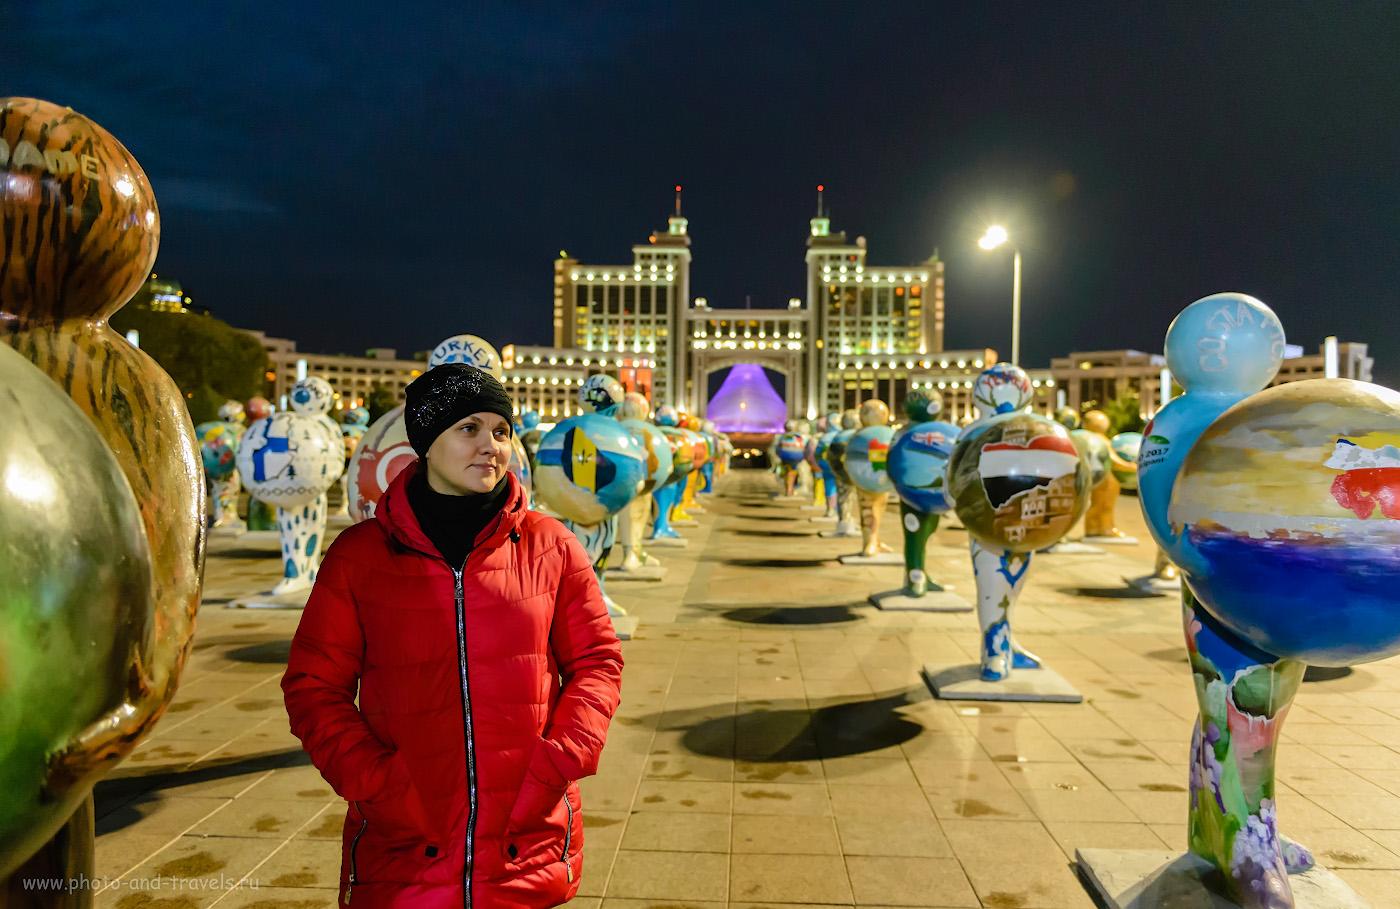 Фотография 17. Фигуры с глобусами на площади перед зданием «КазМунайГаз». Отзывы о прогулке по Астане. Что посмотреть в столице Казахстана за несколько часов. 1/40, +1.33, 2.8, 6400, 27.